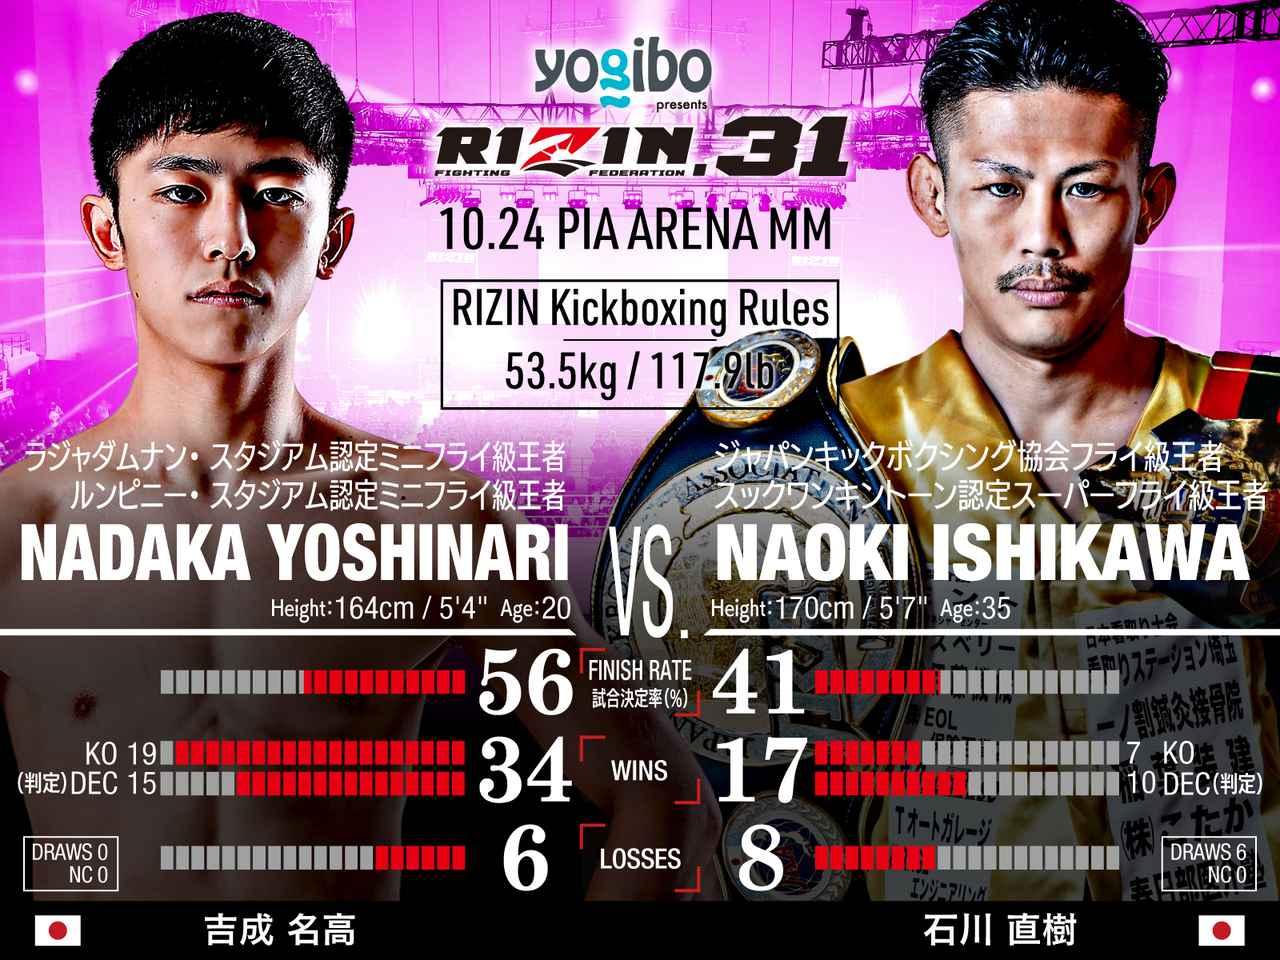 画像: 第4試合/スペシャルワンマッチ 吉成名高 vs. 石川直樹